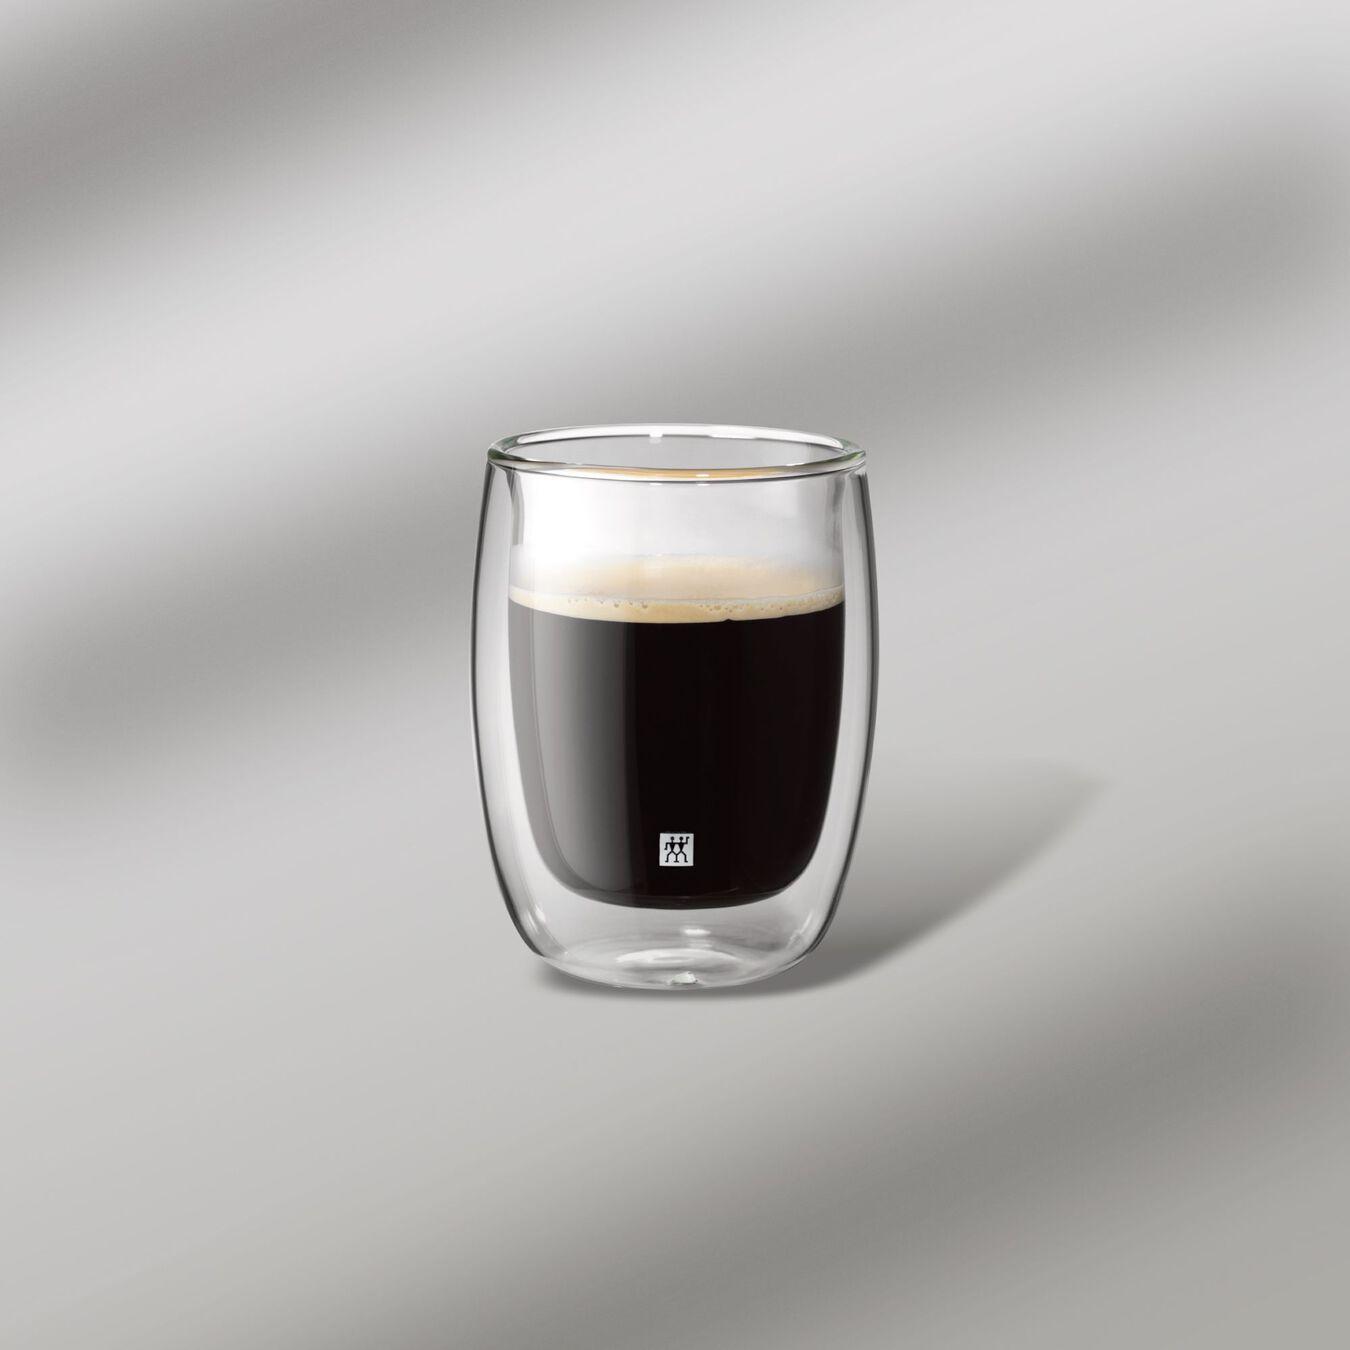 Dubbelwandig Koffieglazenset, 2-delig,,large 2